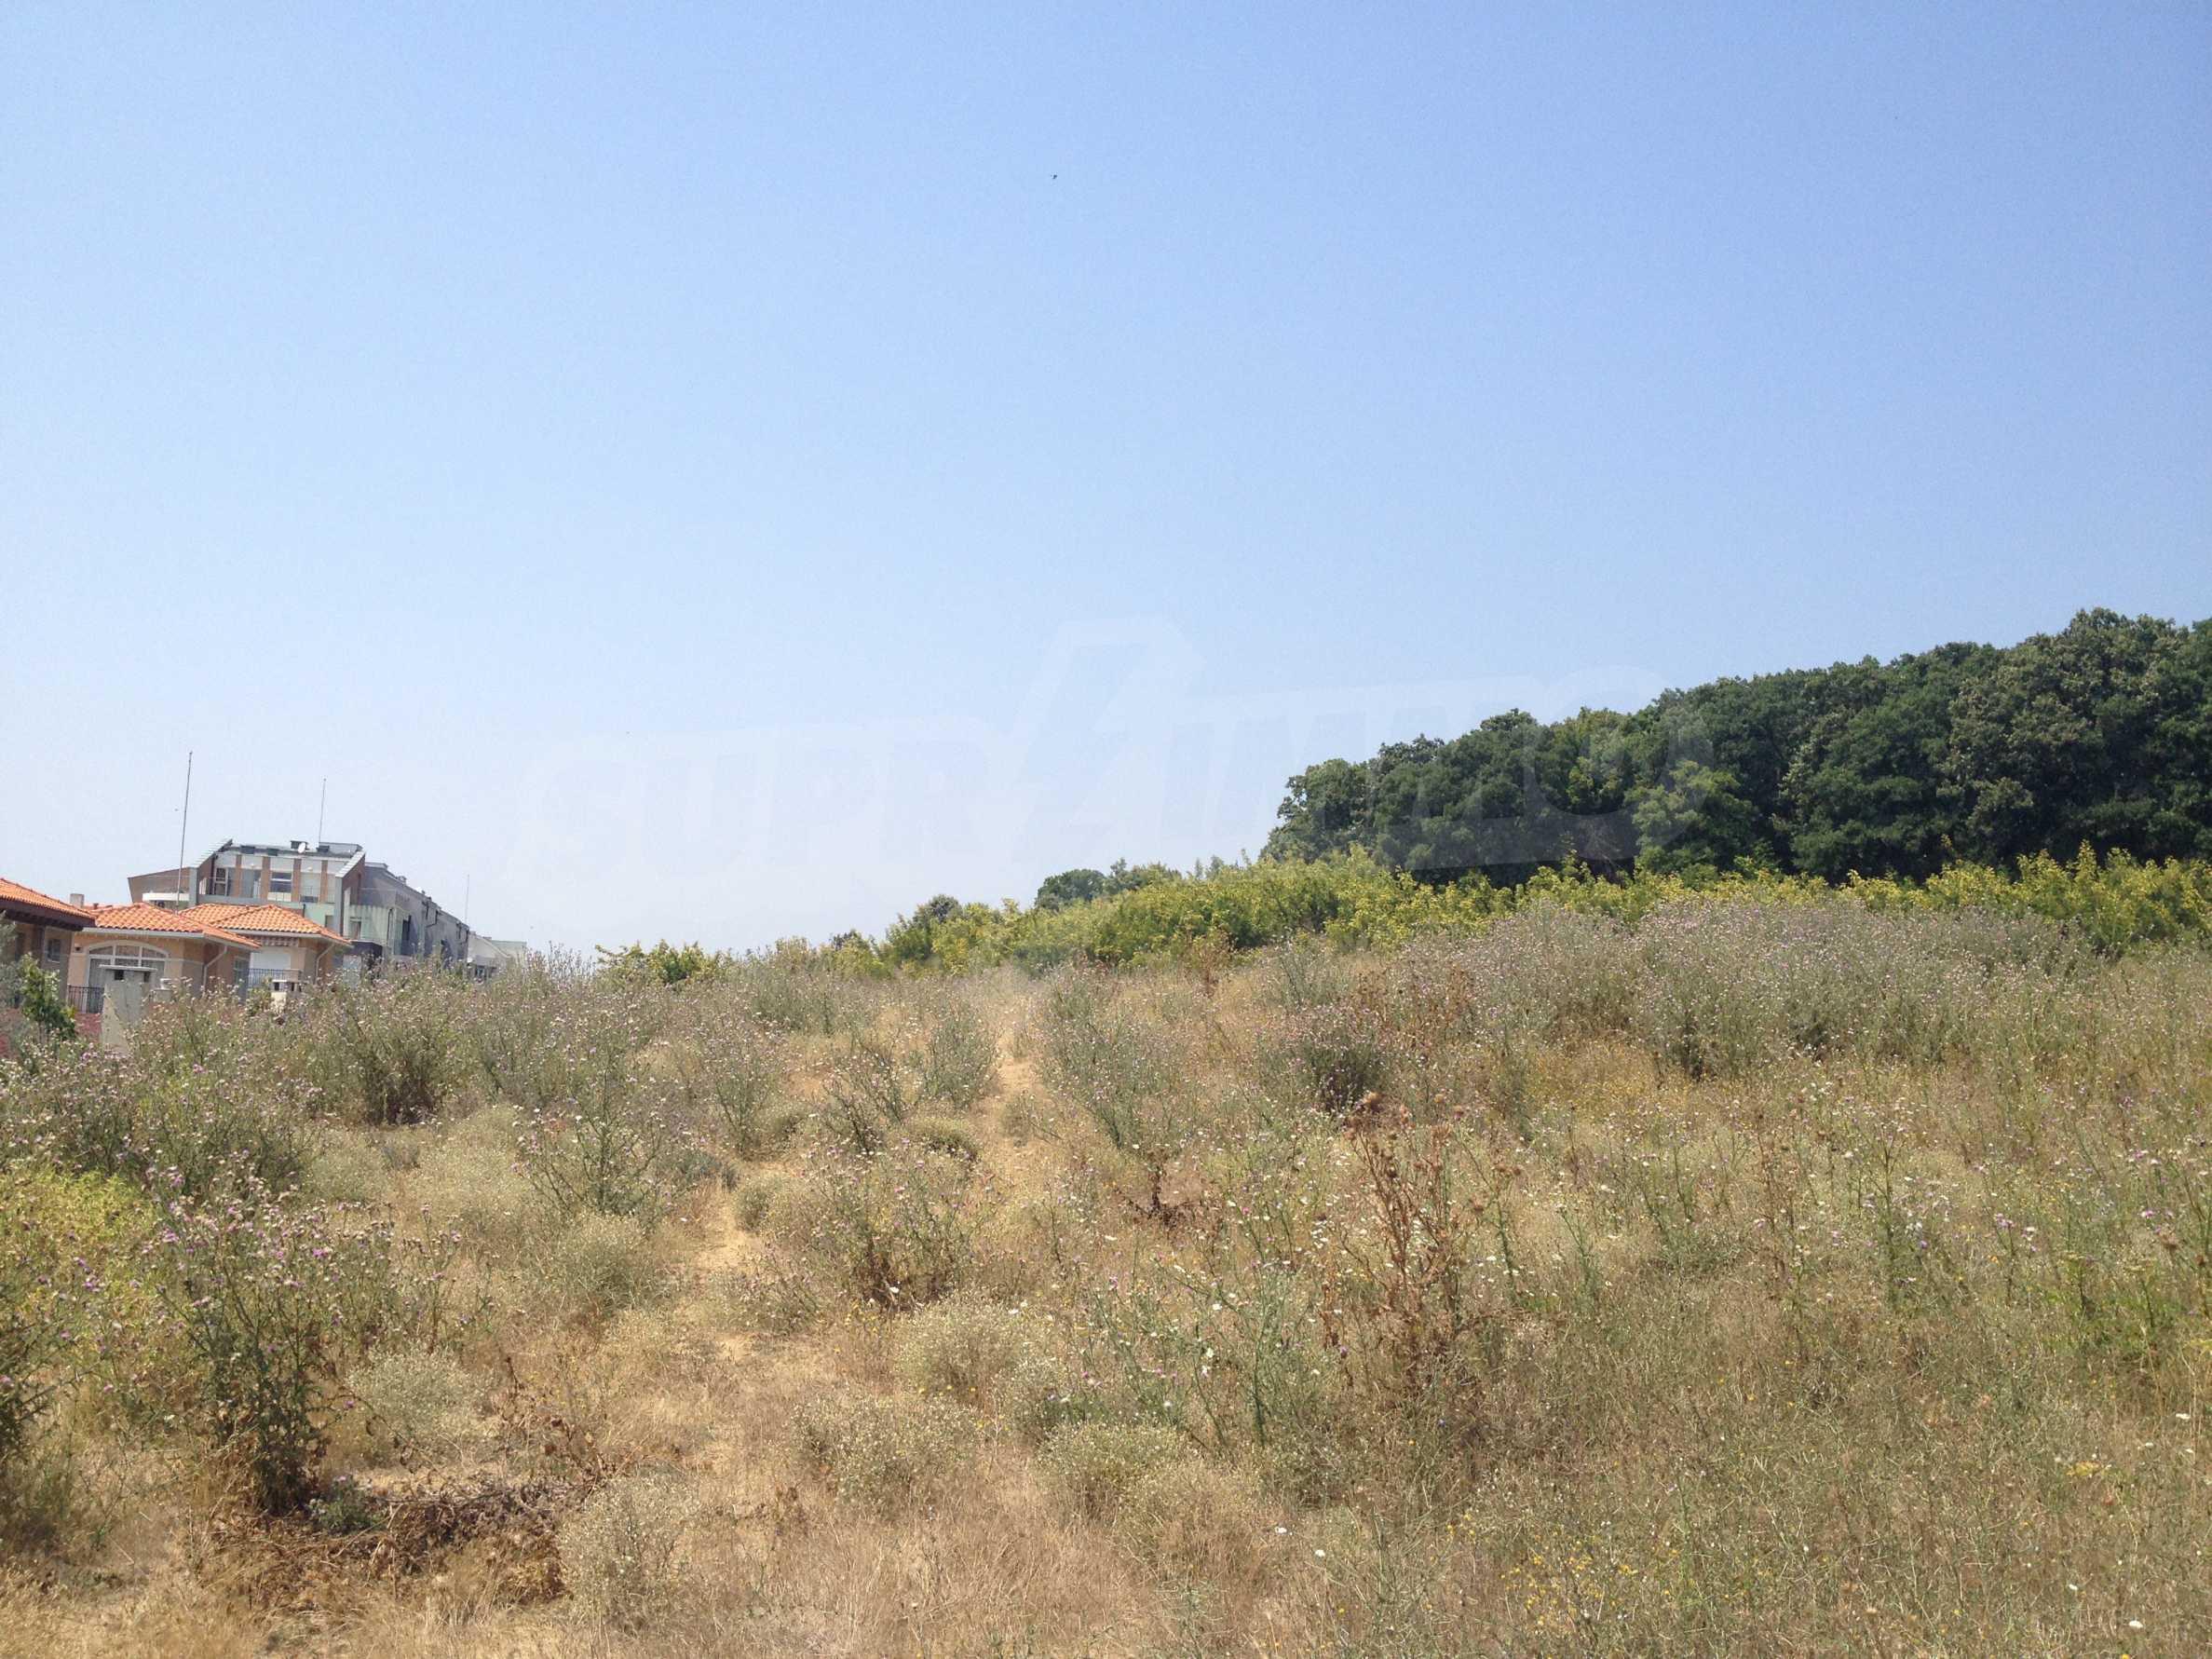 Land zum Verkauf in der Nähe von Sunny Beach 4